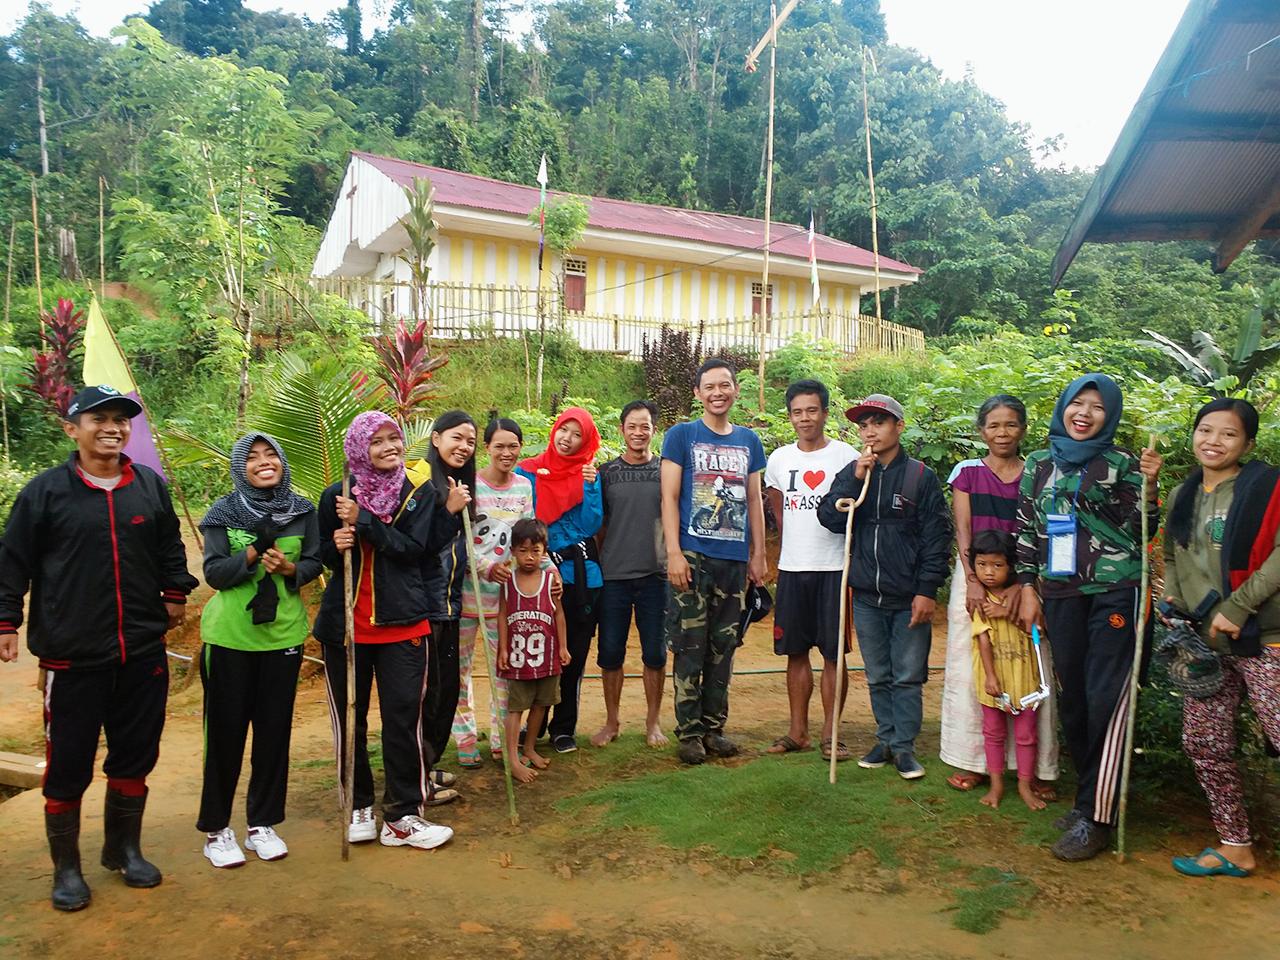 Potret Generasi Muda Yang Pertaruhkan Nyawa Demi Bantu Sesama My Produk Ukm Bumn Frozen Tahu Baxo Setibanya Di Salumayang Mereka Disambut Dengan Gembira Bak Pahlawan Maklum Lah Sejak Berdirinya Dusun Tersebut Baru Kali Ini Kedatangan Tenaga